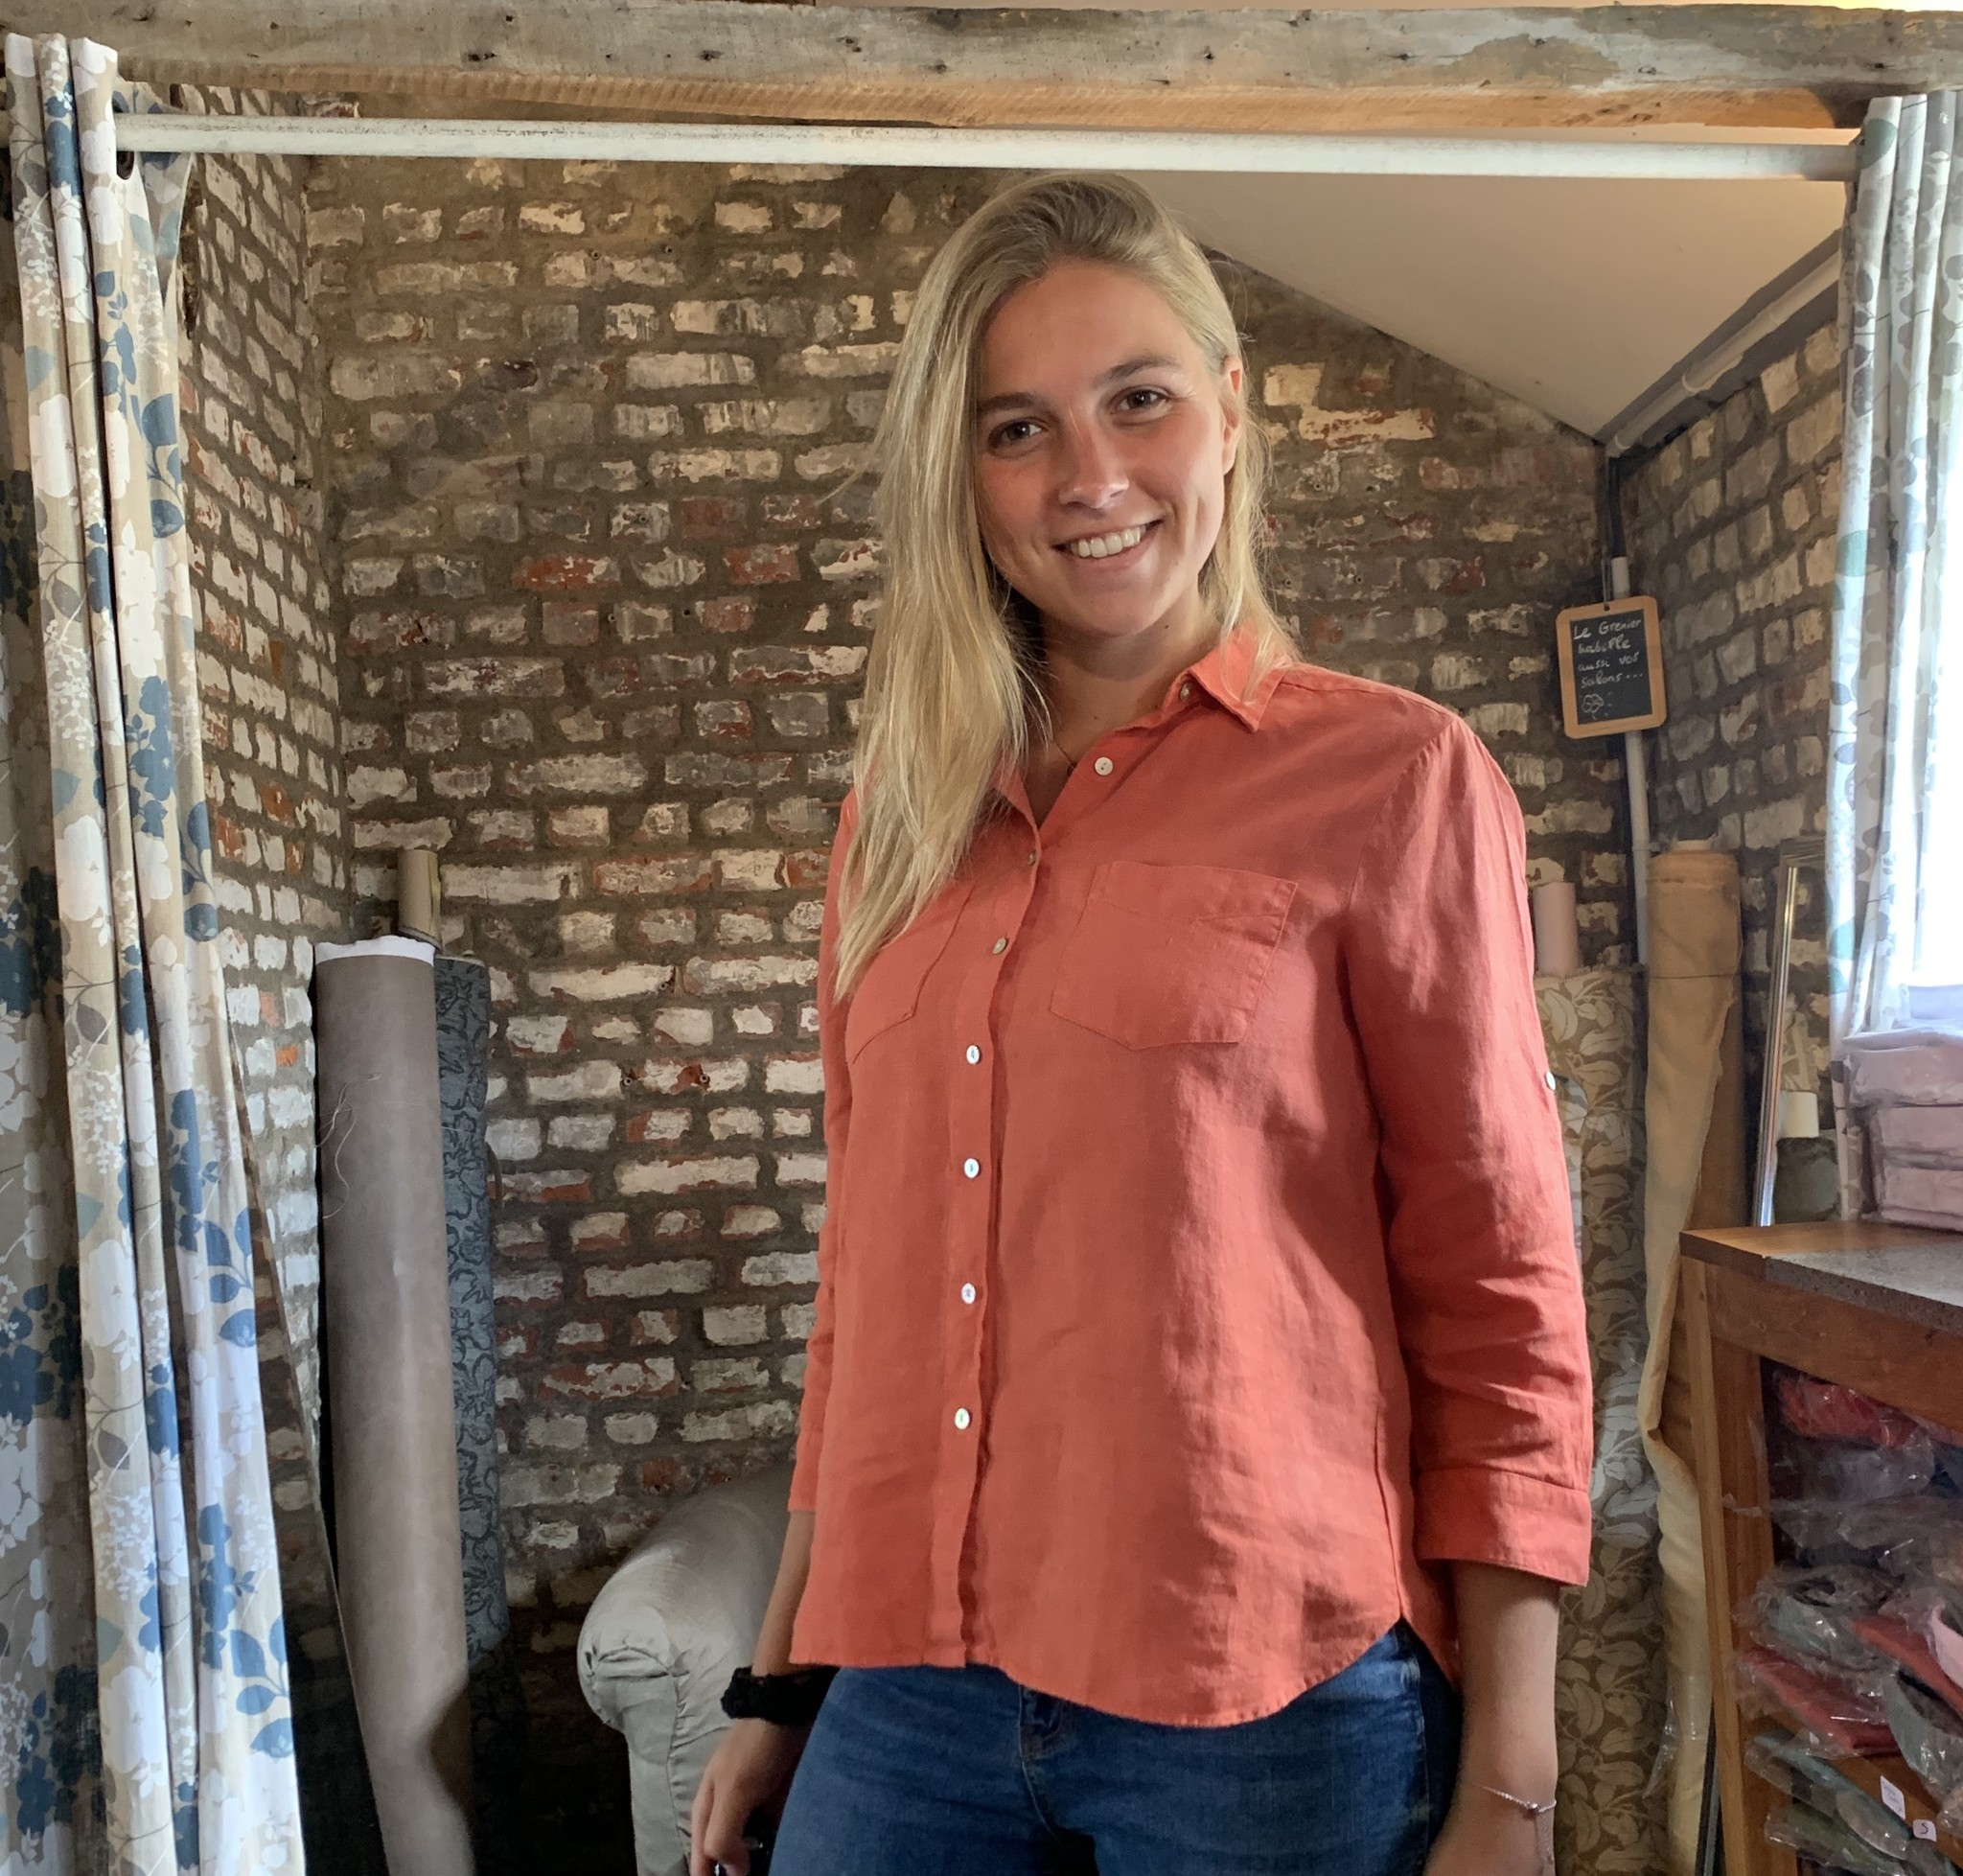 Le grenier du lin Scheikundige Sarah Abricot